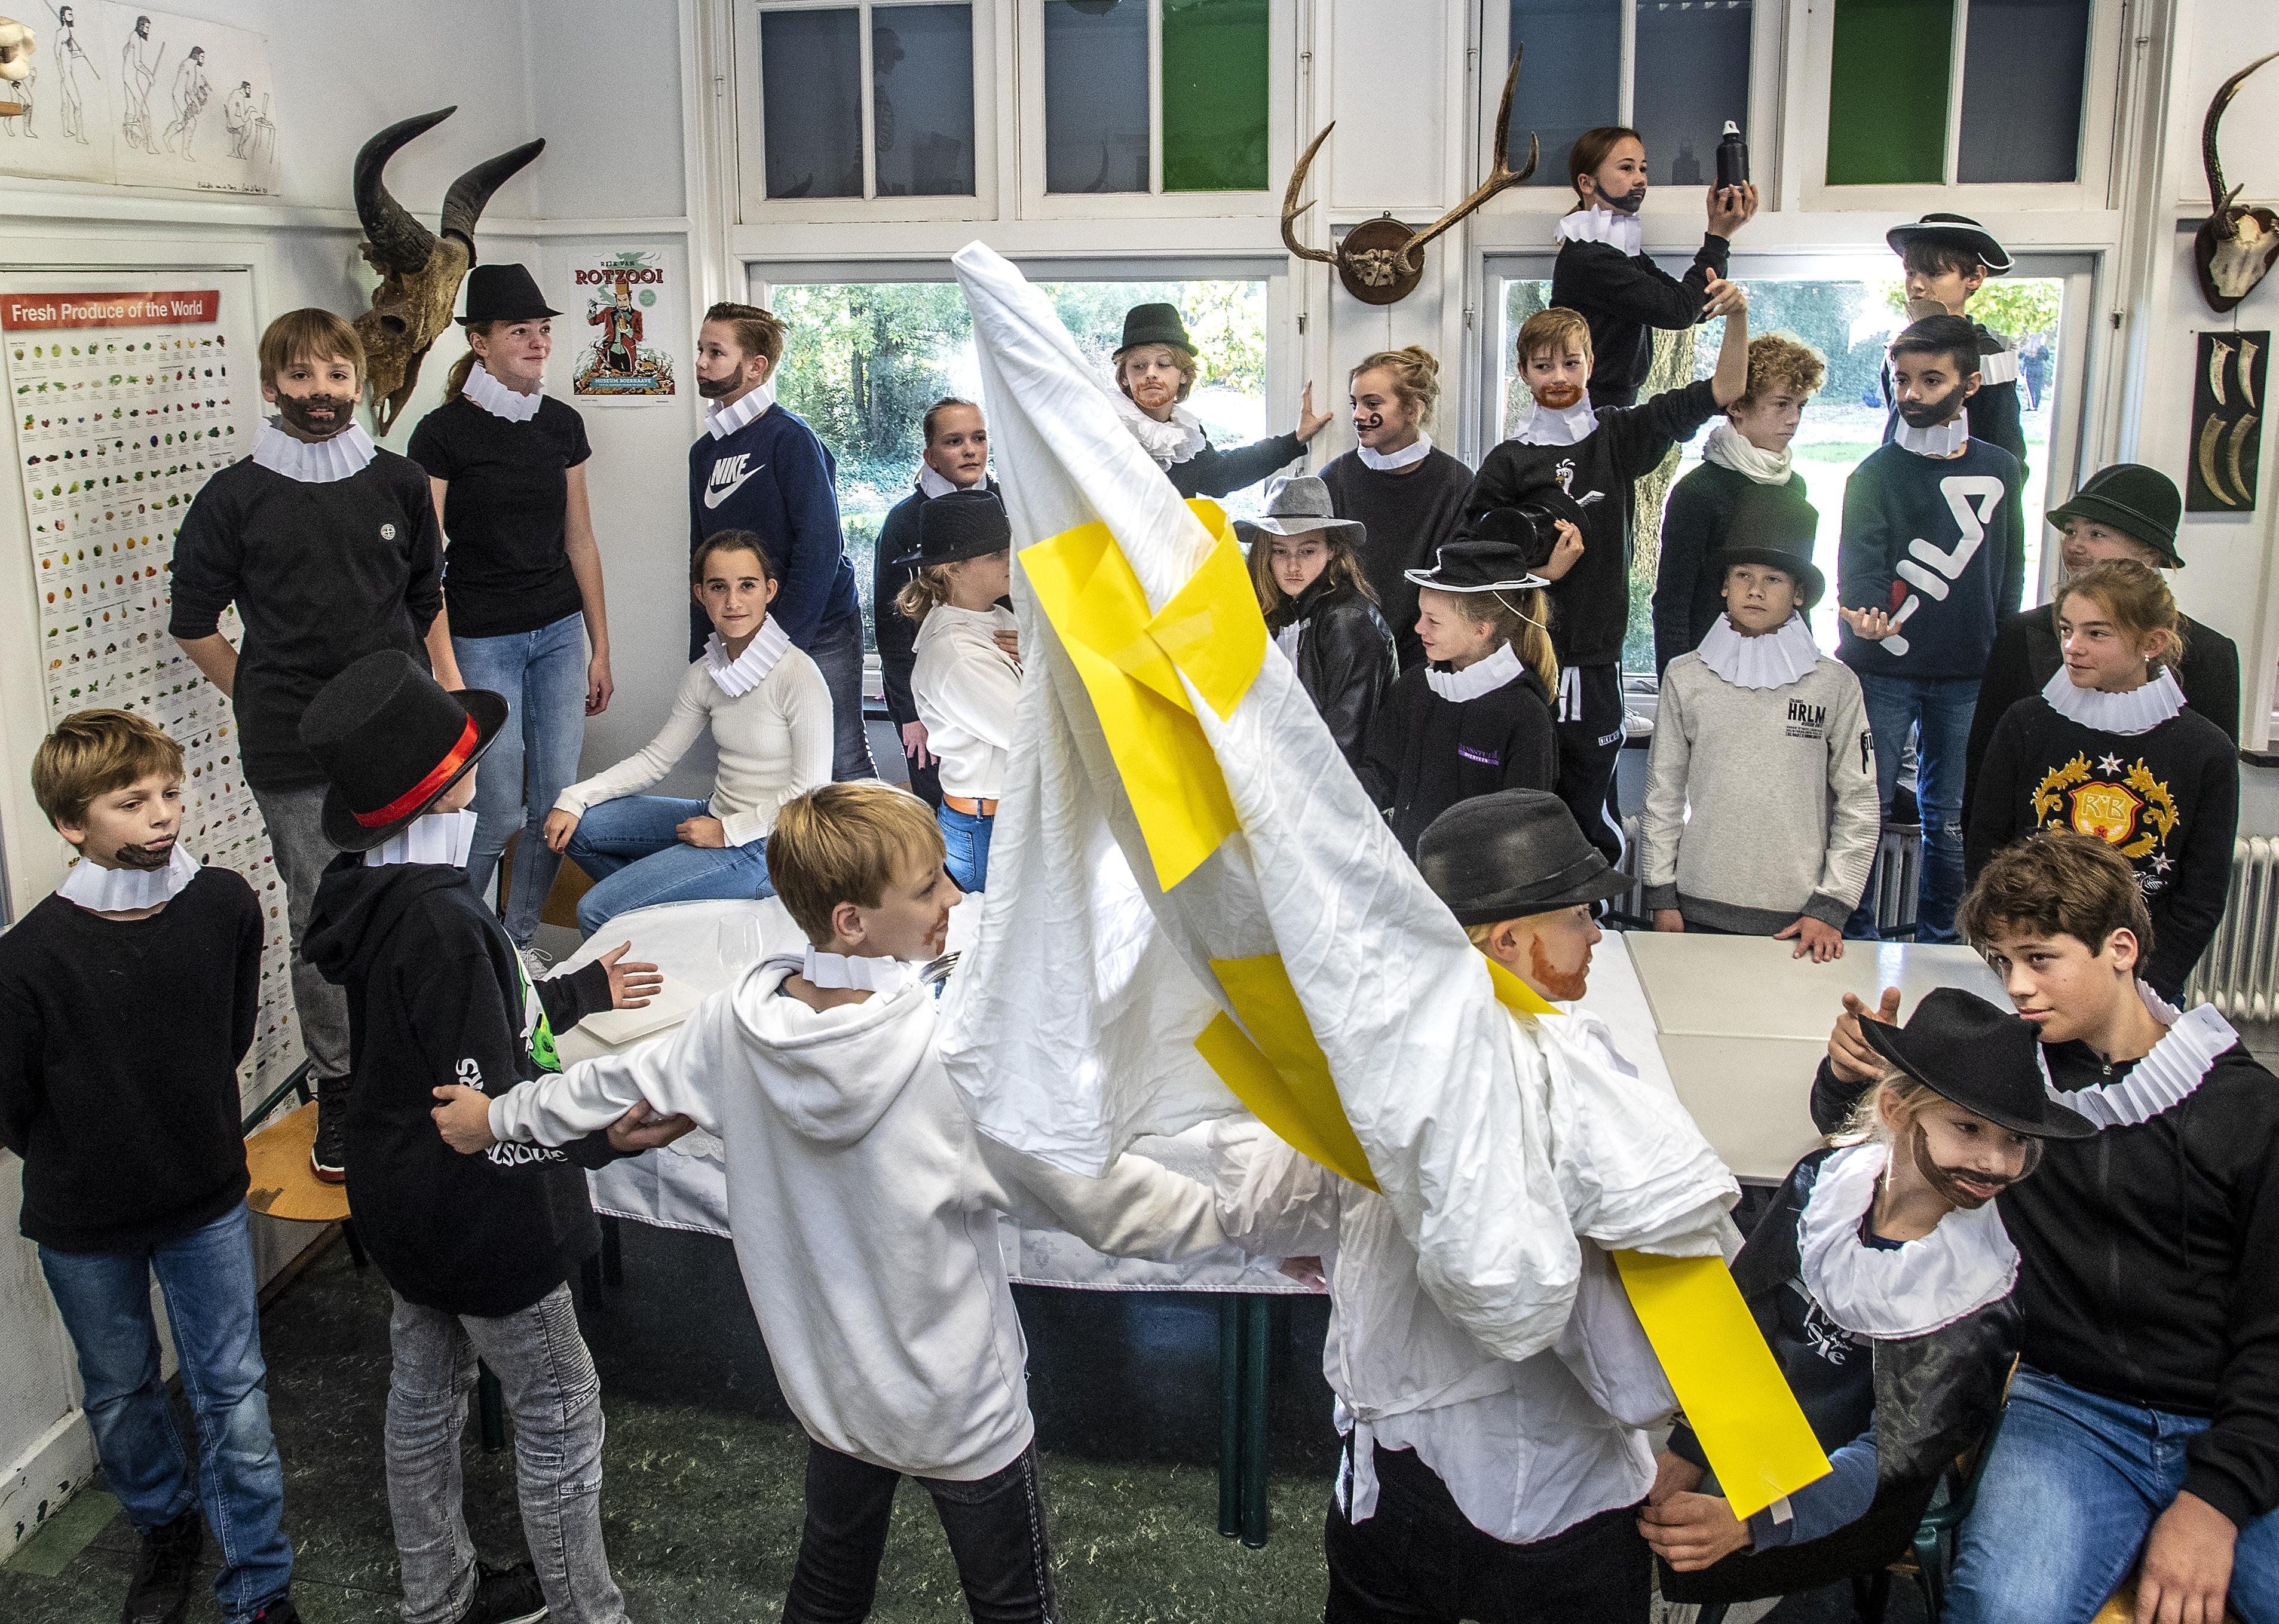 Leerlingen uit Overveen kruipen in de klassieker van het Frans Halsmuseum in Haarlem - Haarlems Dagblad